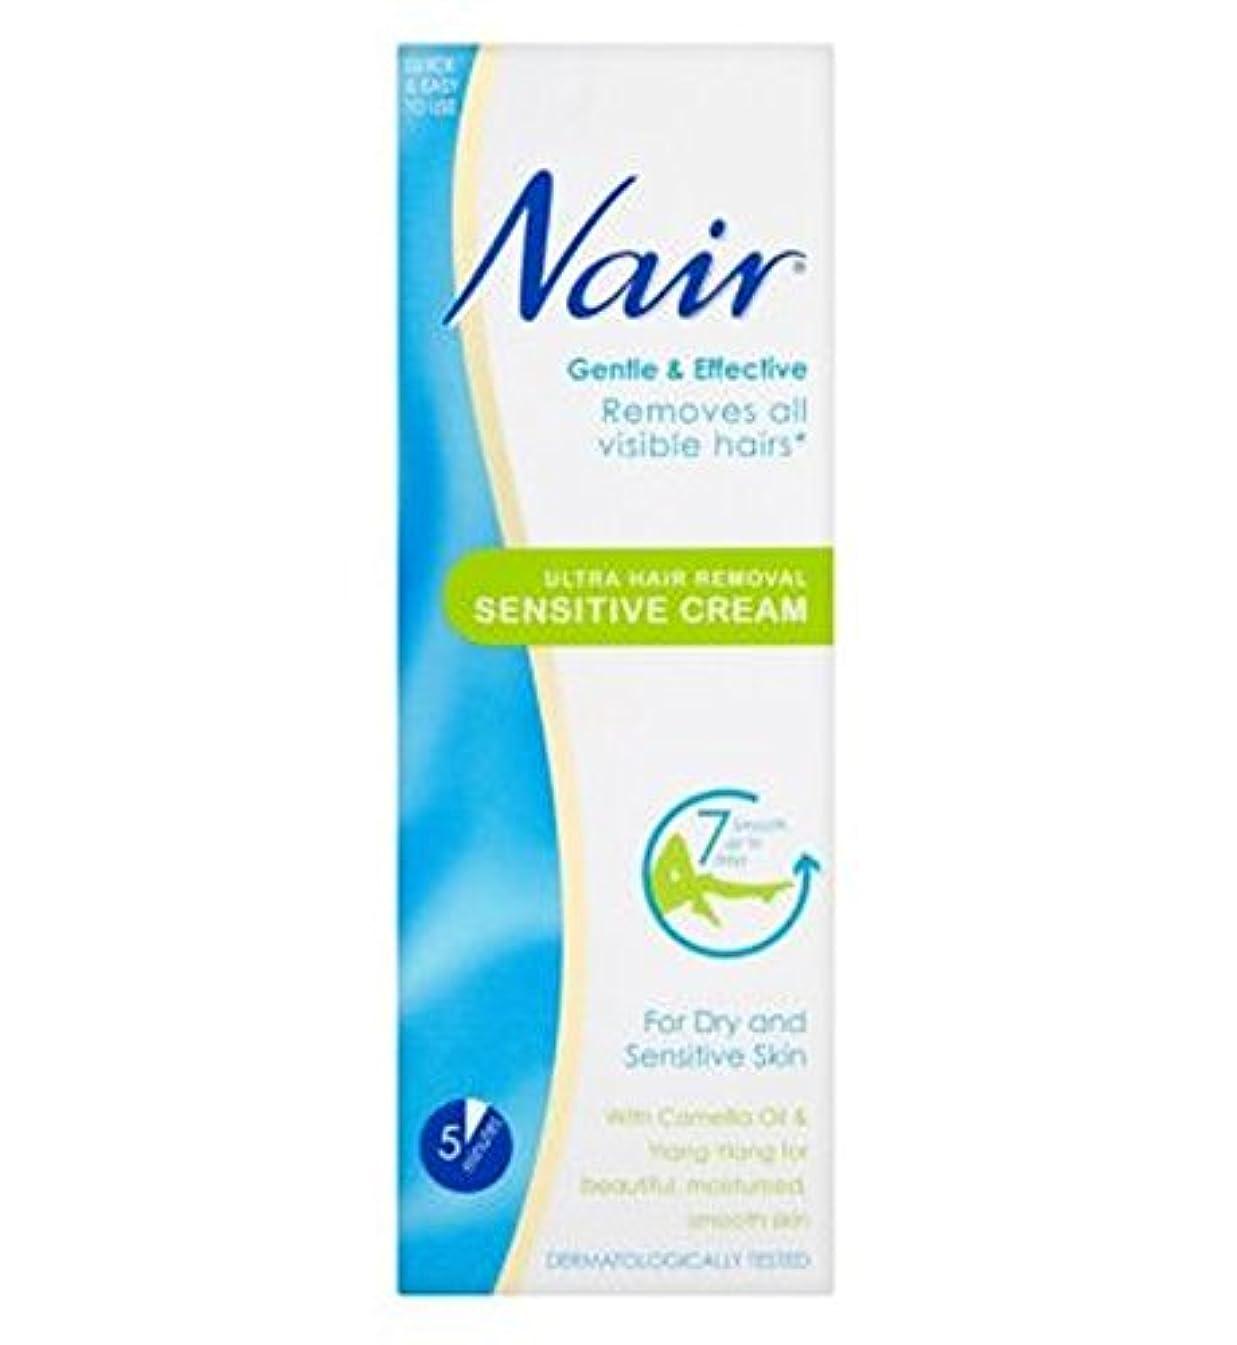 睡眠不快な日の出Nair Sensitive Hair Removal Cream 200ml - Nairさん敏感な脱毛クリーム200ミリリットル (Nair) [並行輸入品]